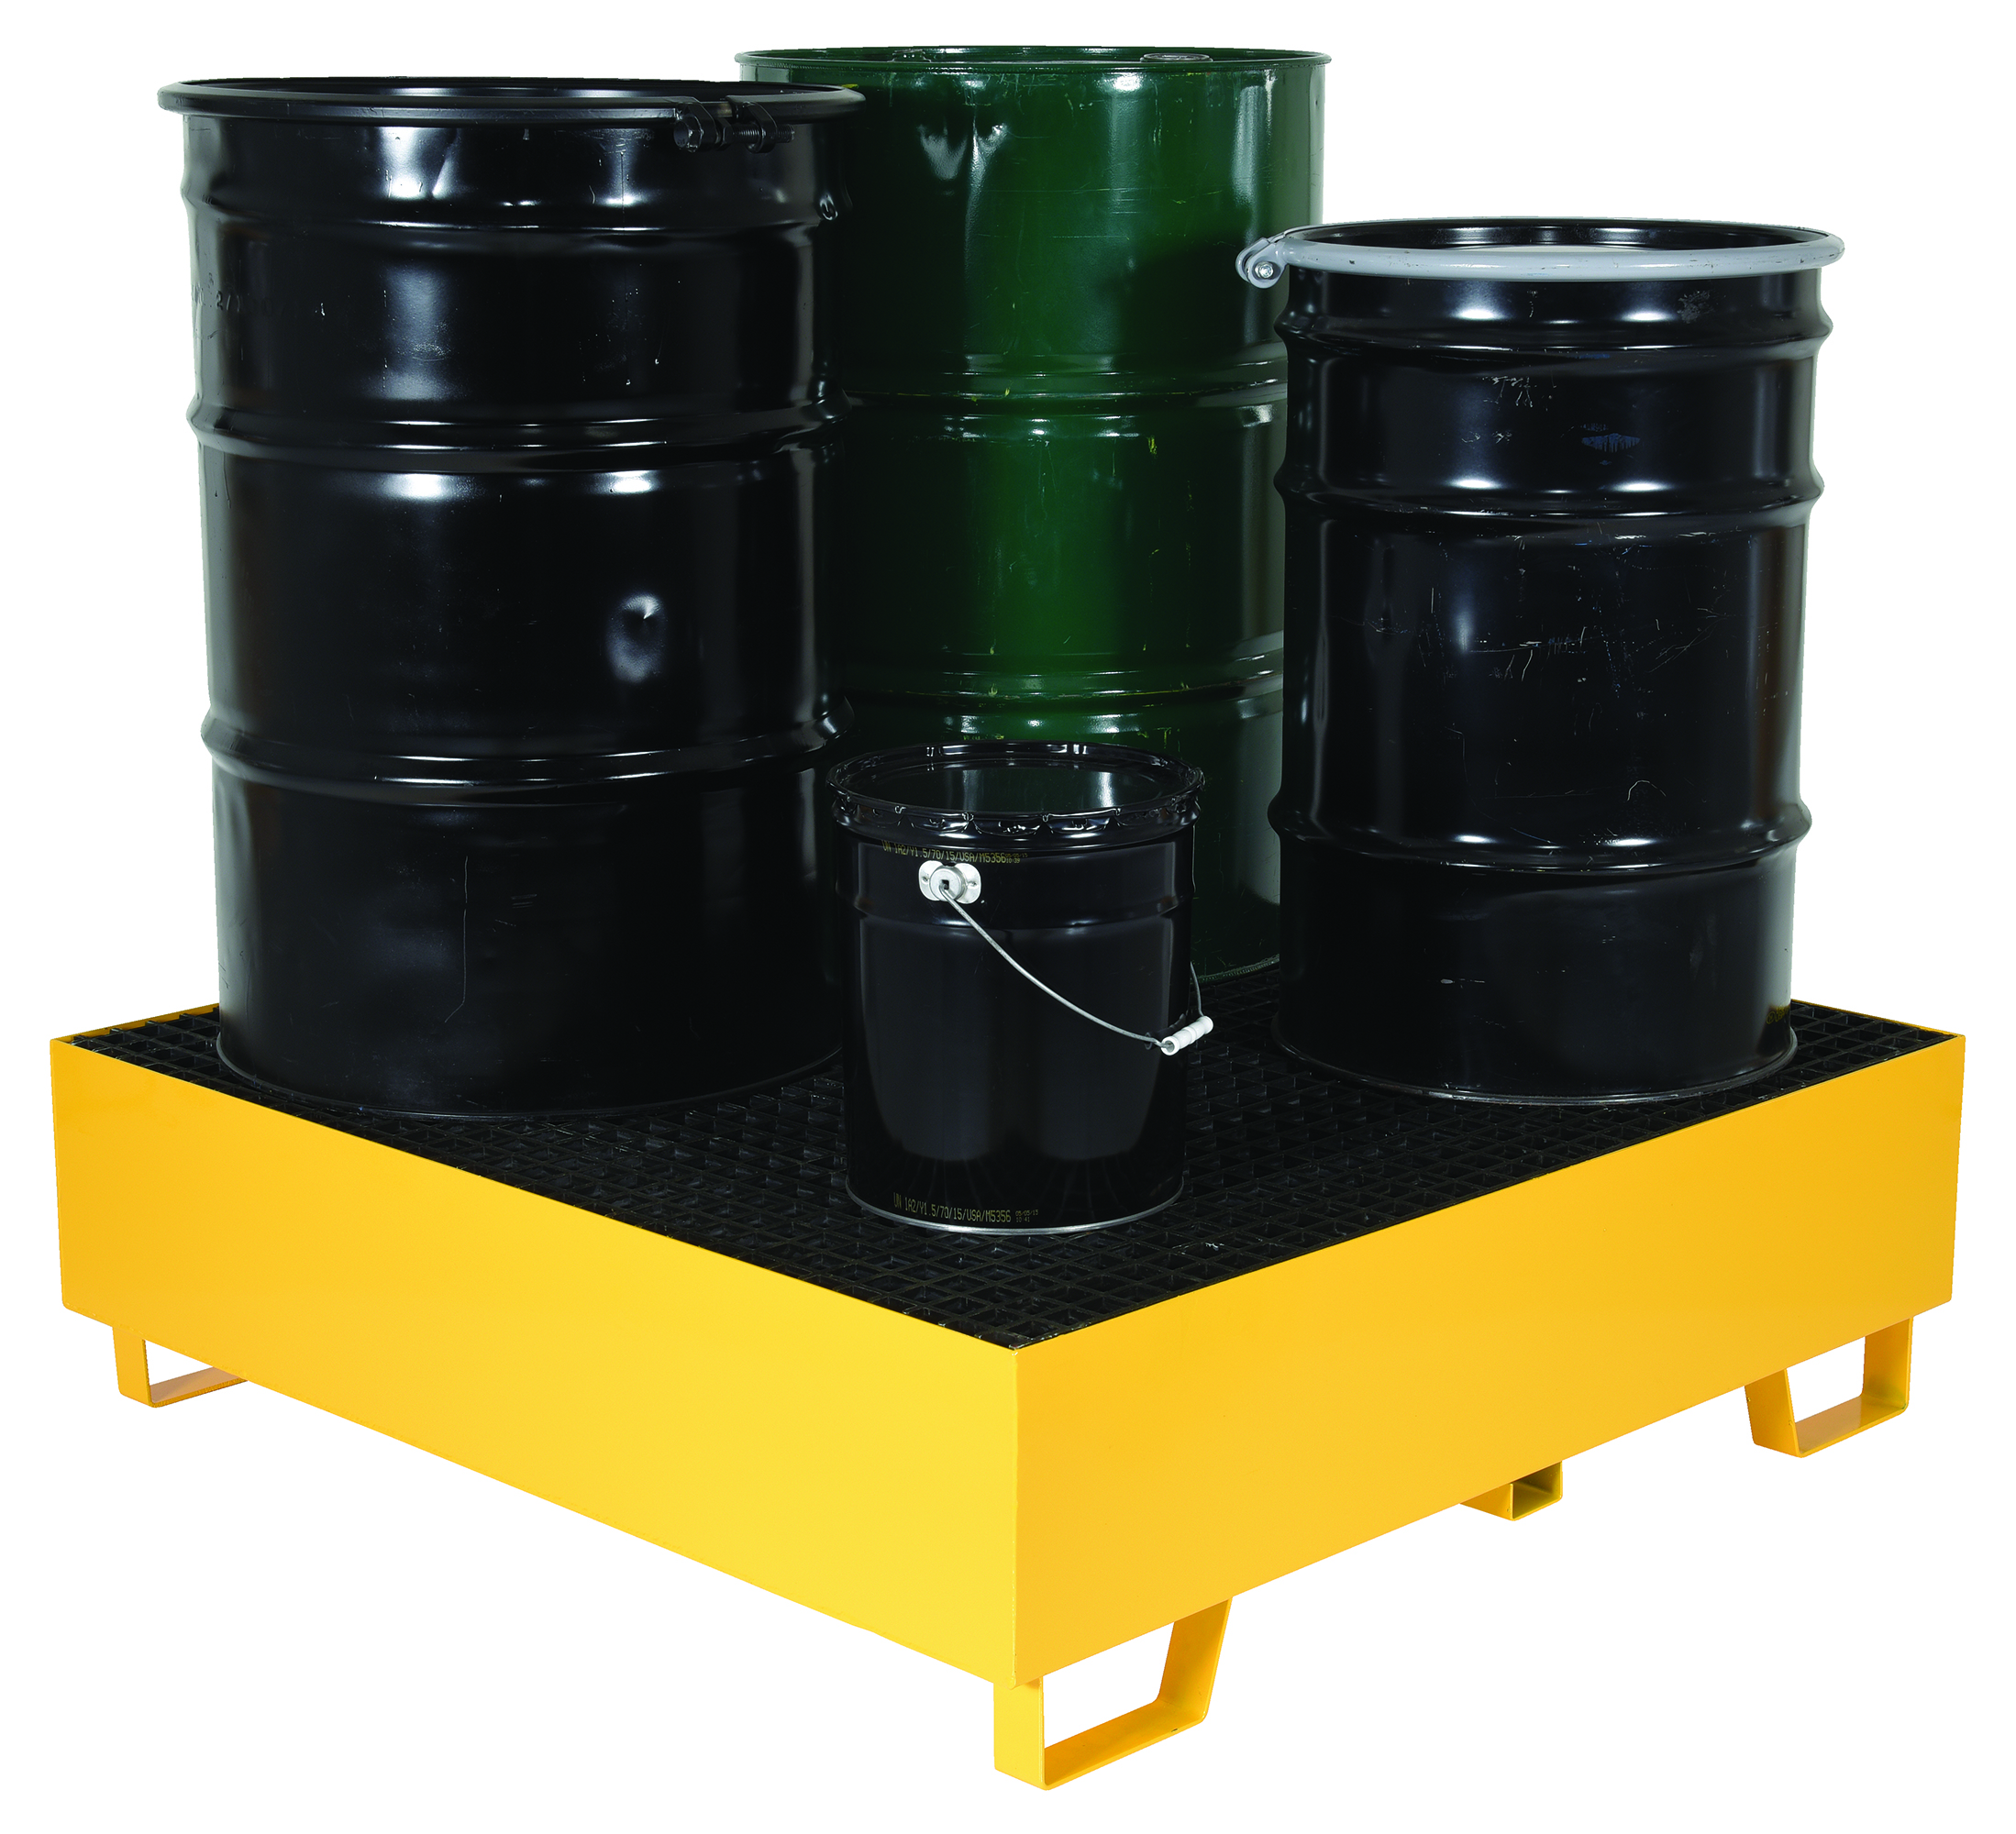 Vestil VRSB-YL-4 Drum Spill Containment Basin